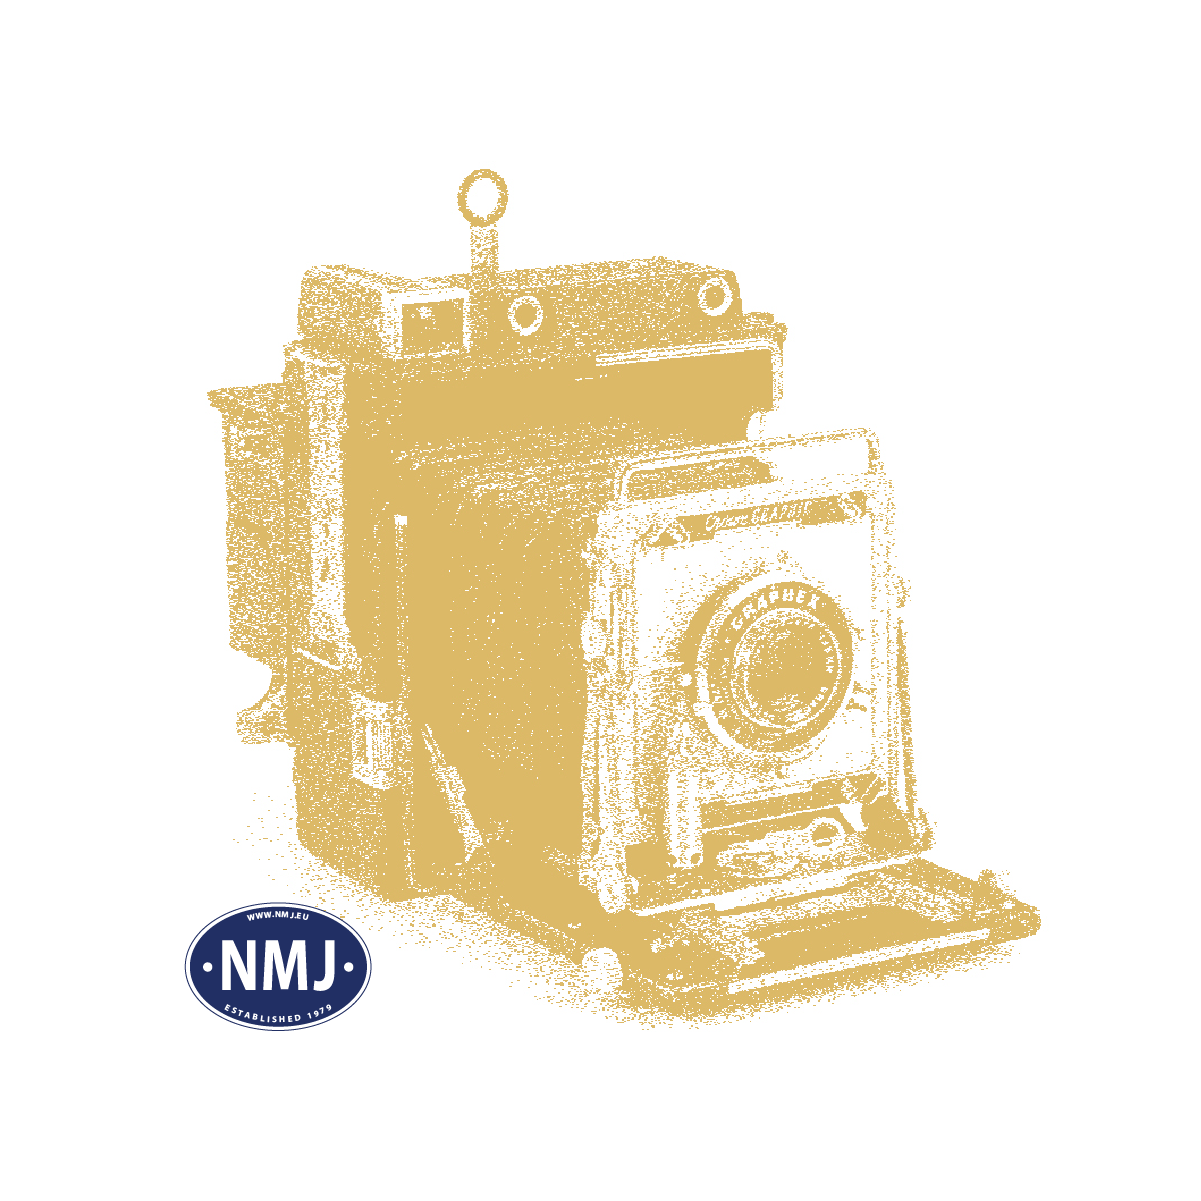 NMJT80.991 - Hjulaksler for NMJ Topline El17, Ver. 2, 2 Par (4 Stk.)